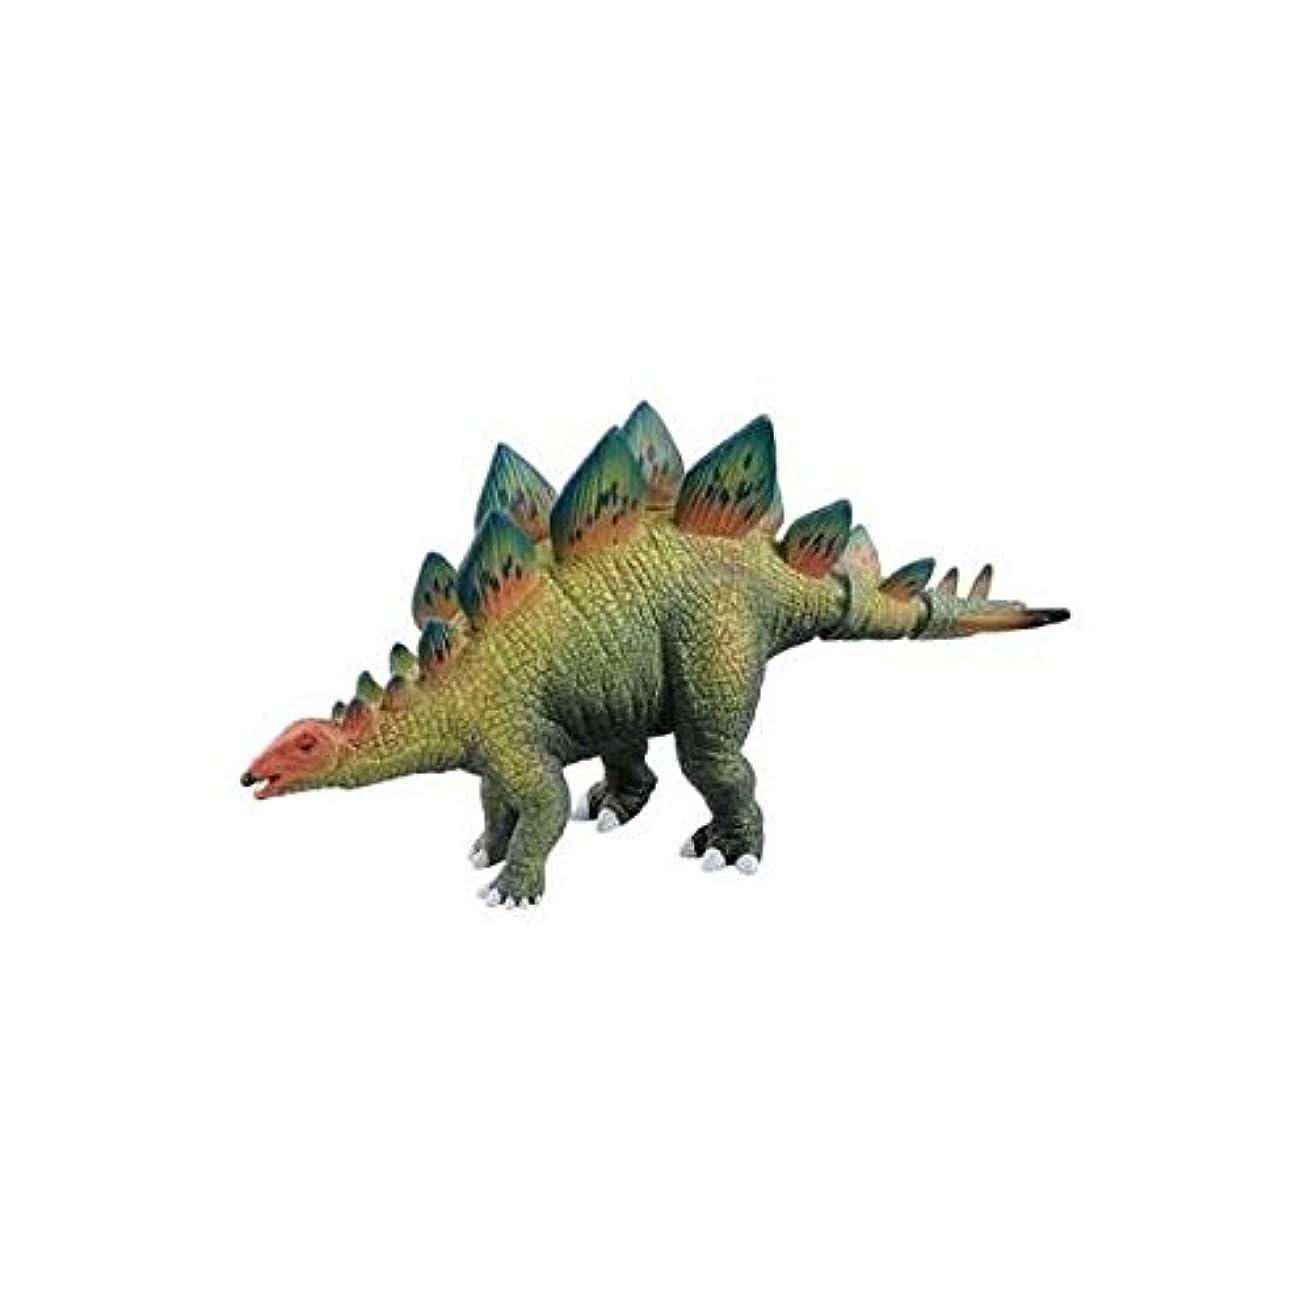 マットアクセントキャラクタータカラトミー アニア AL-03 ステゴサウルス ホビー エトセトラ おもちゃ フィギュア [並行輸入品]